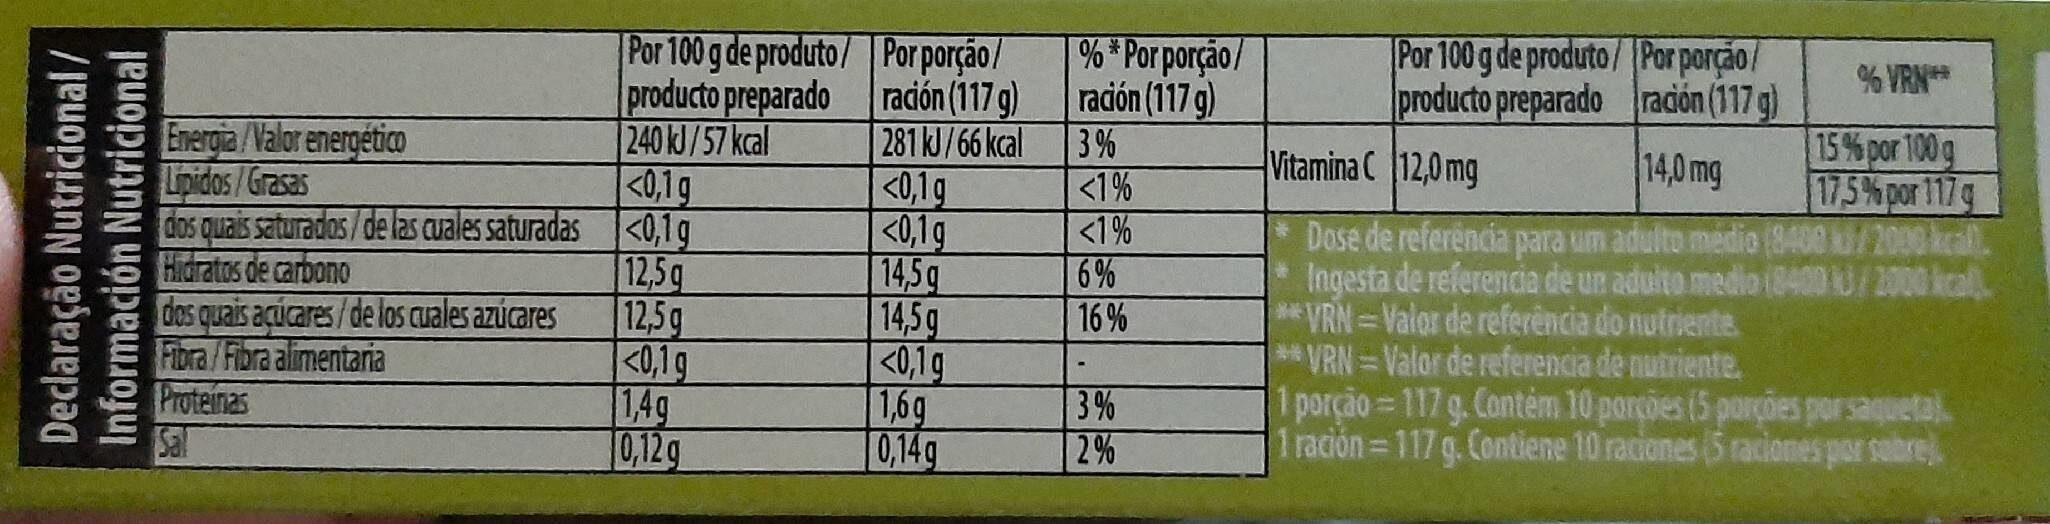 Gelatina Royal Limón - Informació nutricional